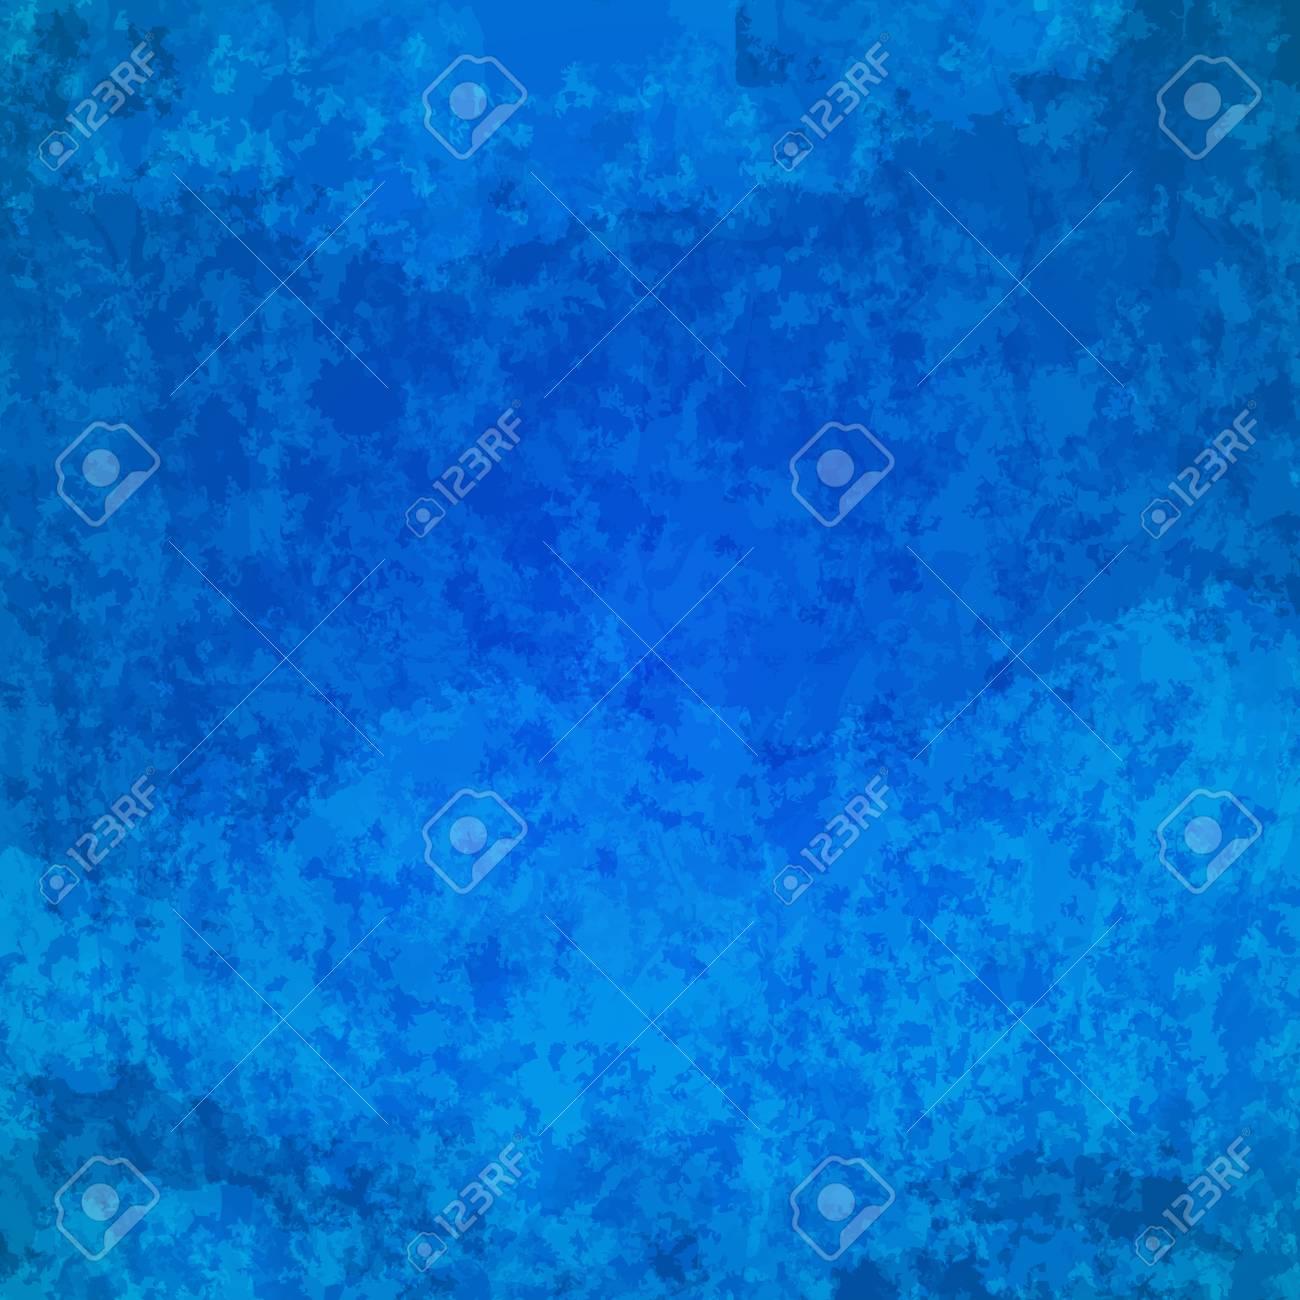 抽象的なベクトル グランジ背景 と明るい水色のイラスト素材 ベクタ